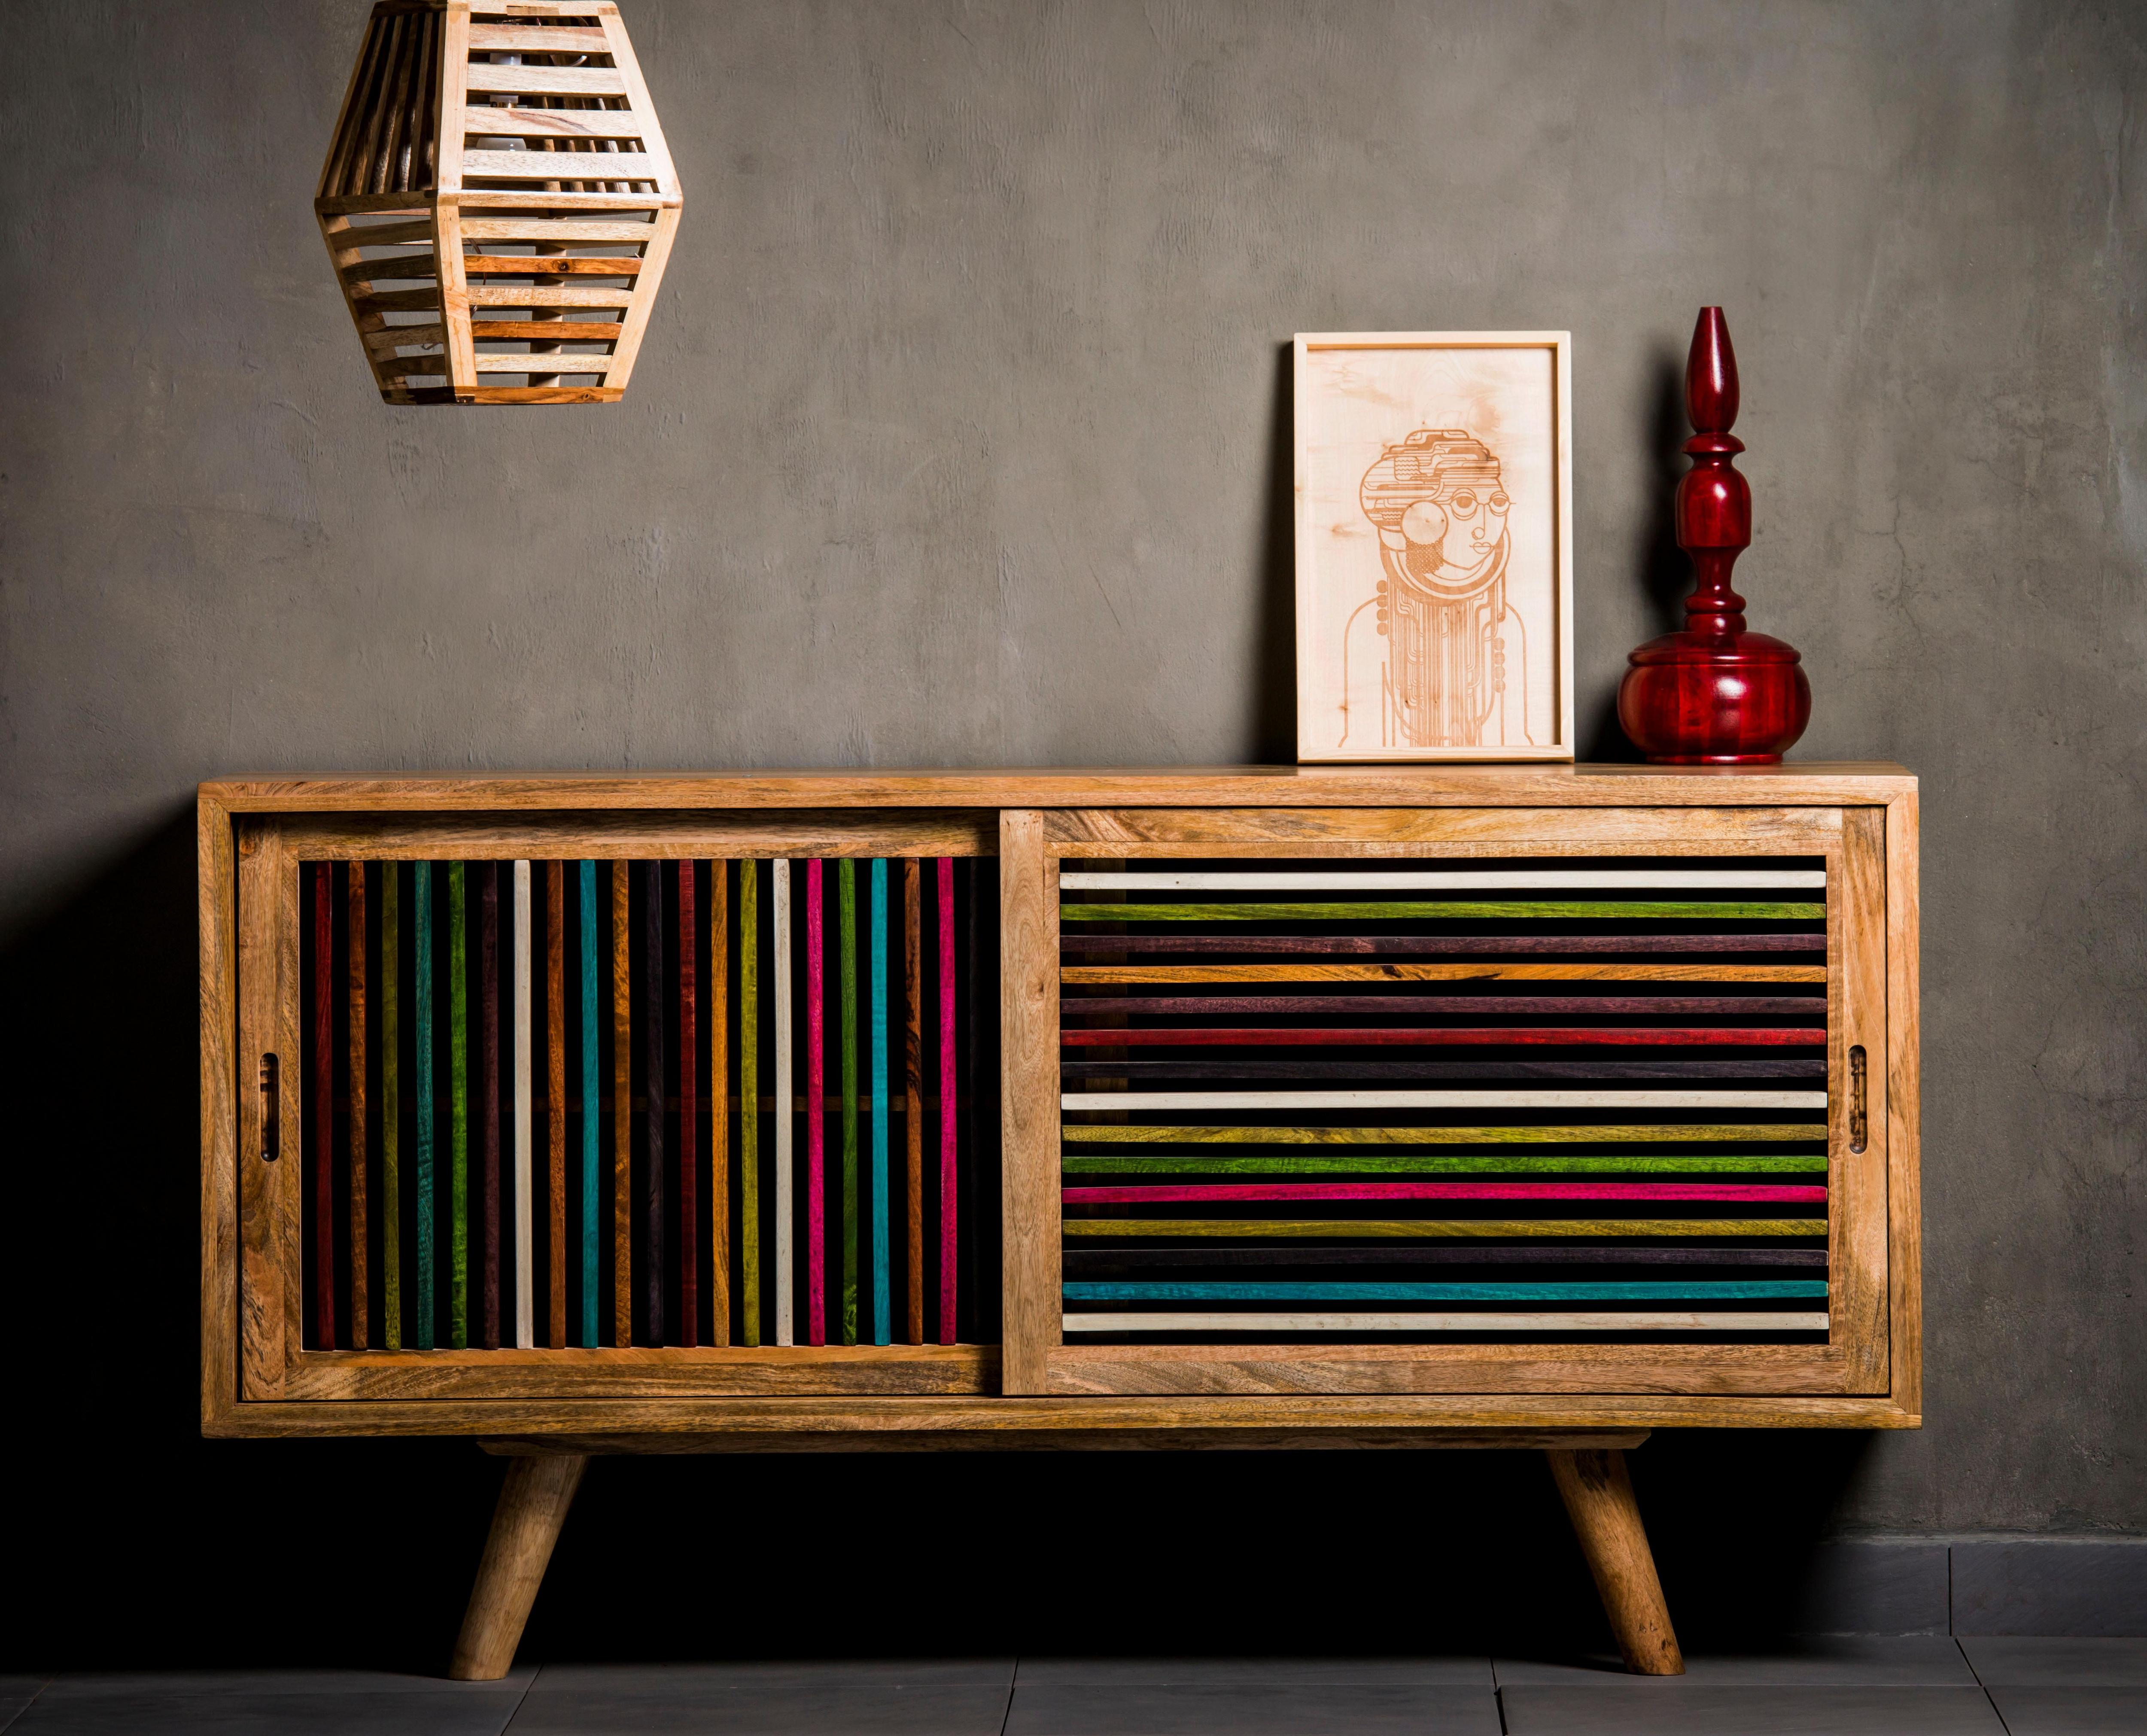 Home affaire Sideboard Joe Breite 160 cm mit farbigen Holzleisten in den Fronten